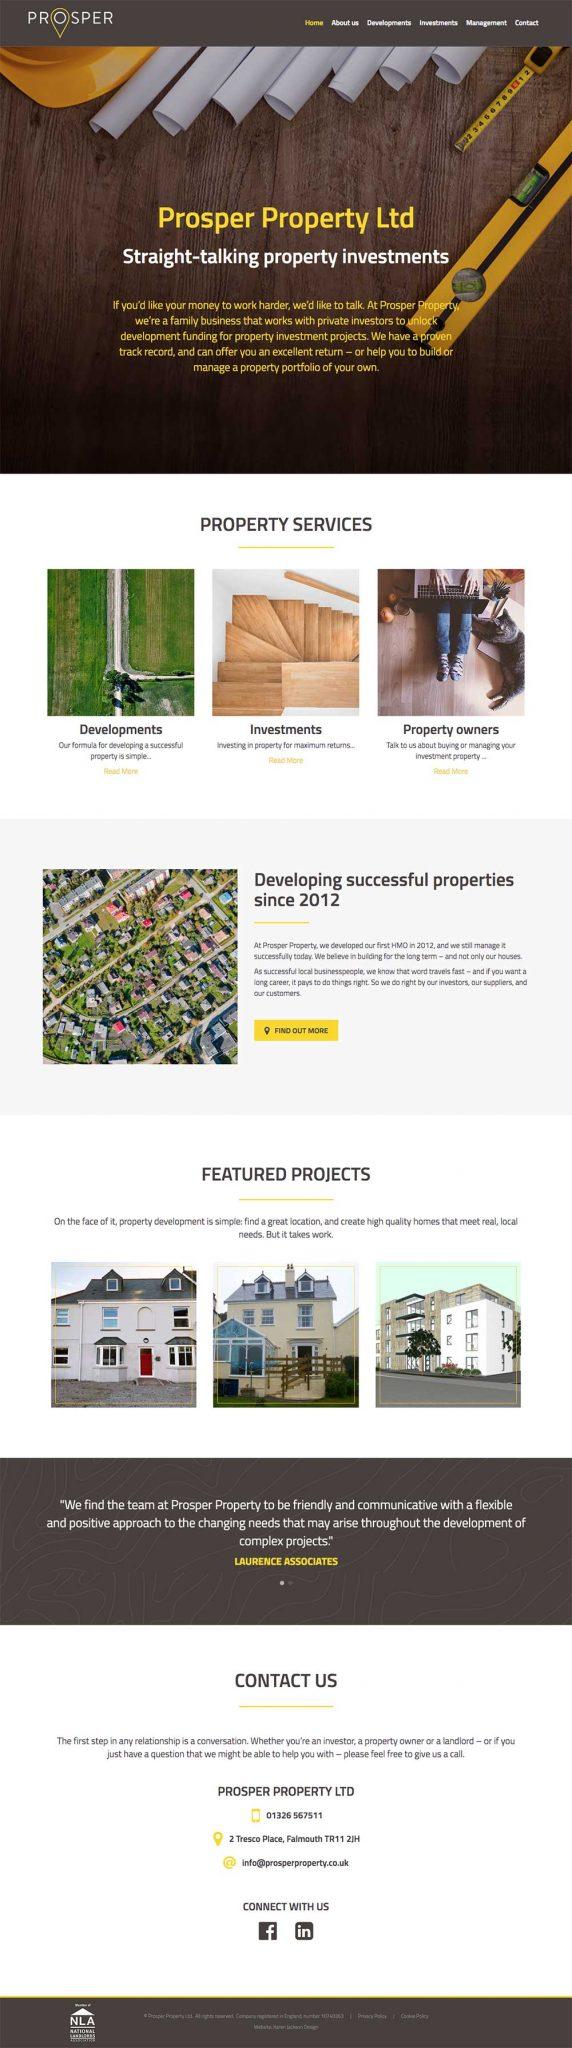 prosper-property-website-design